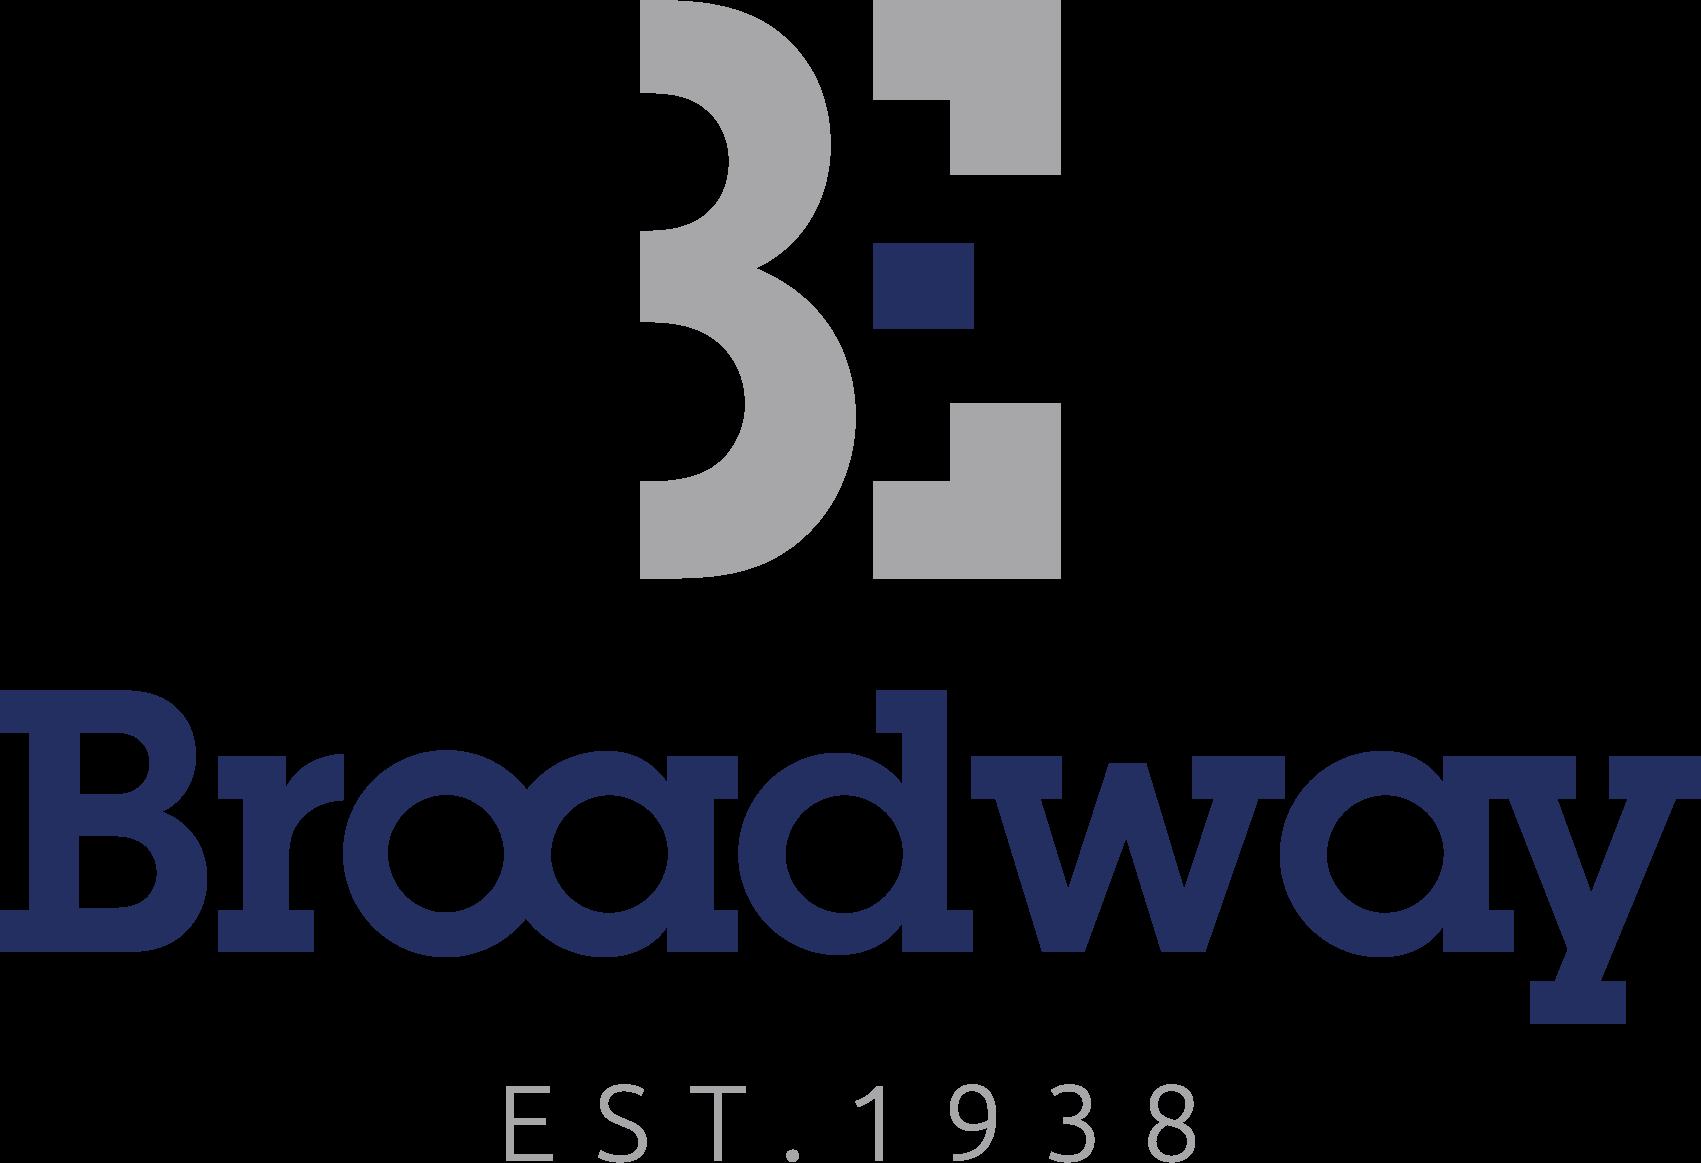 Broadway Engineering — EST . 1938